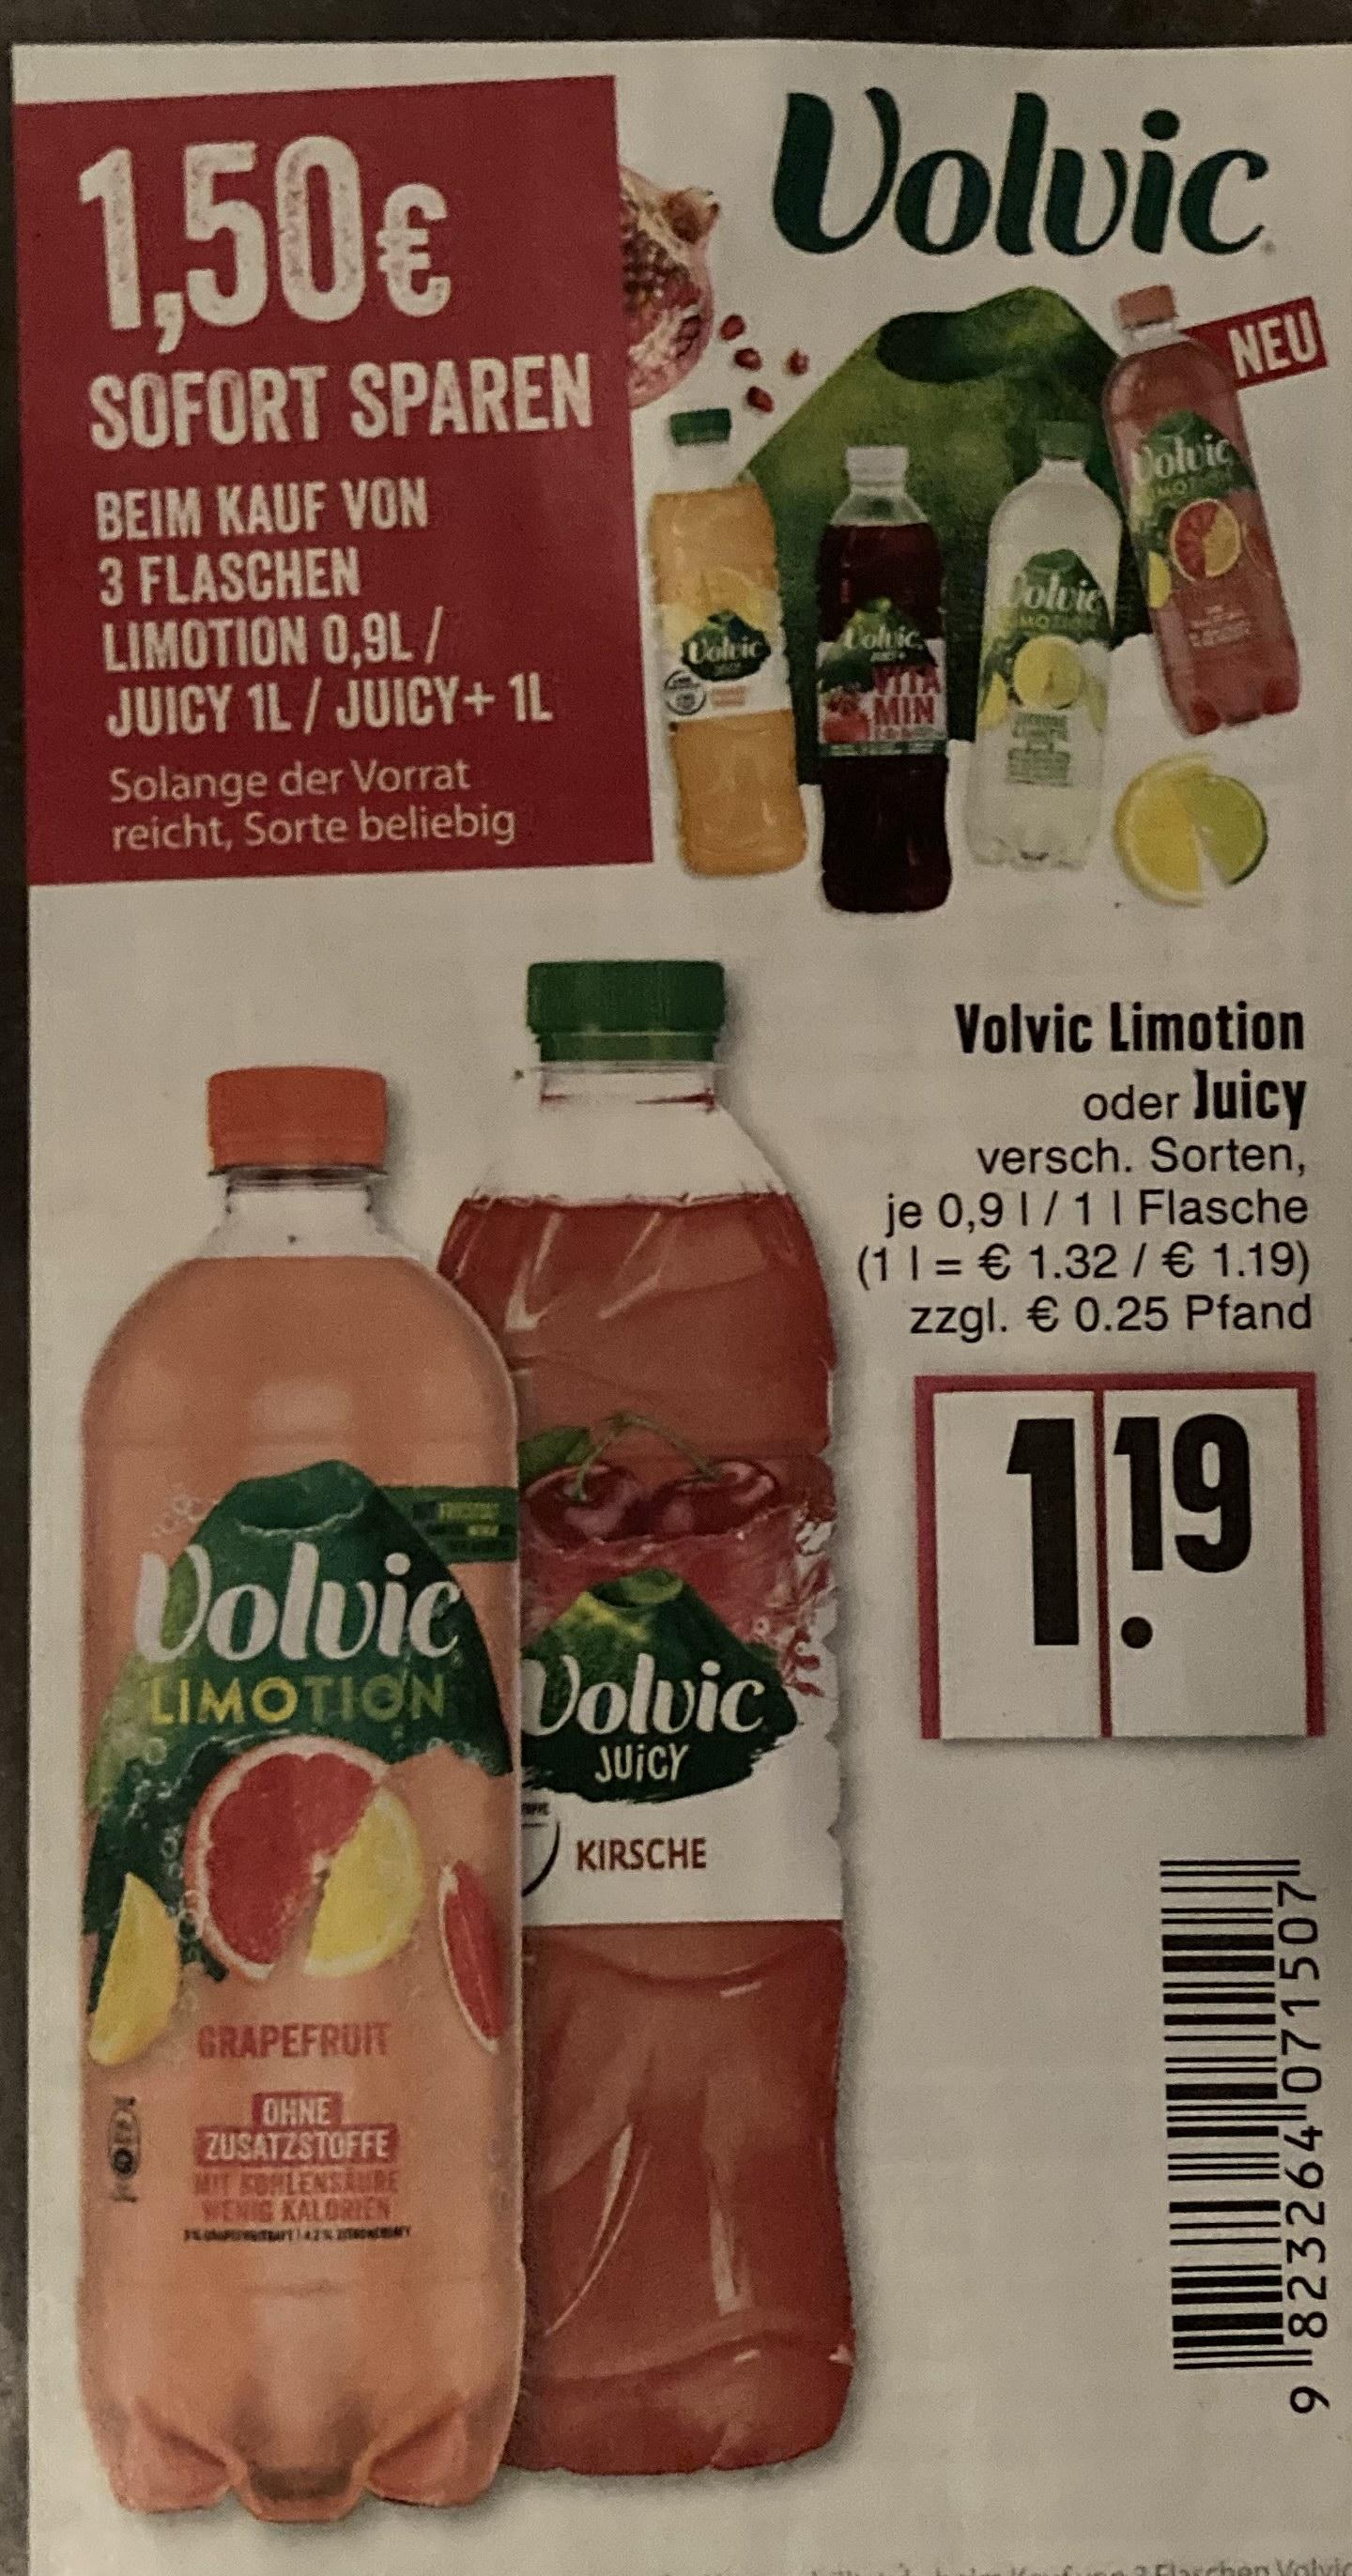 [EDEKA Rhein-Ruhr] 3* Volvic Juicy oder Limotion kaufen -1,50€ sparen